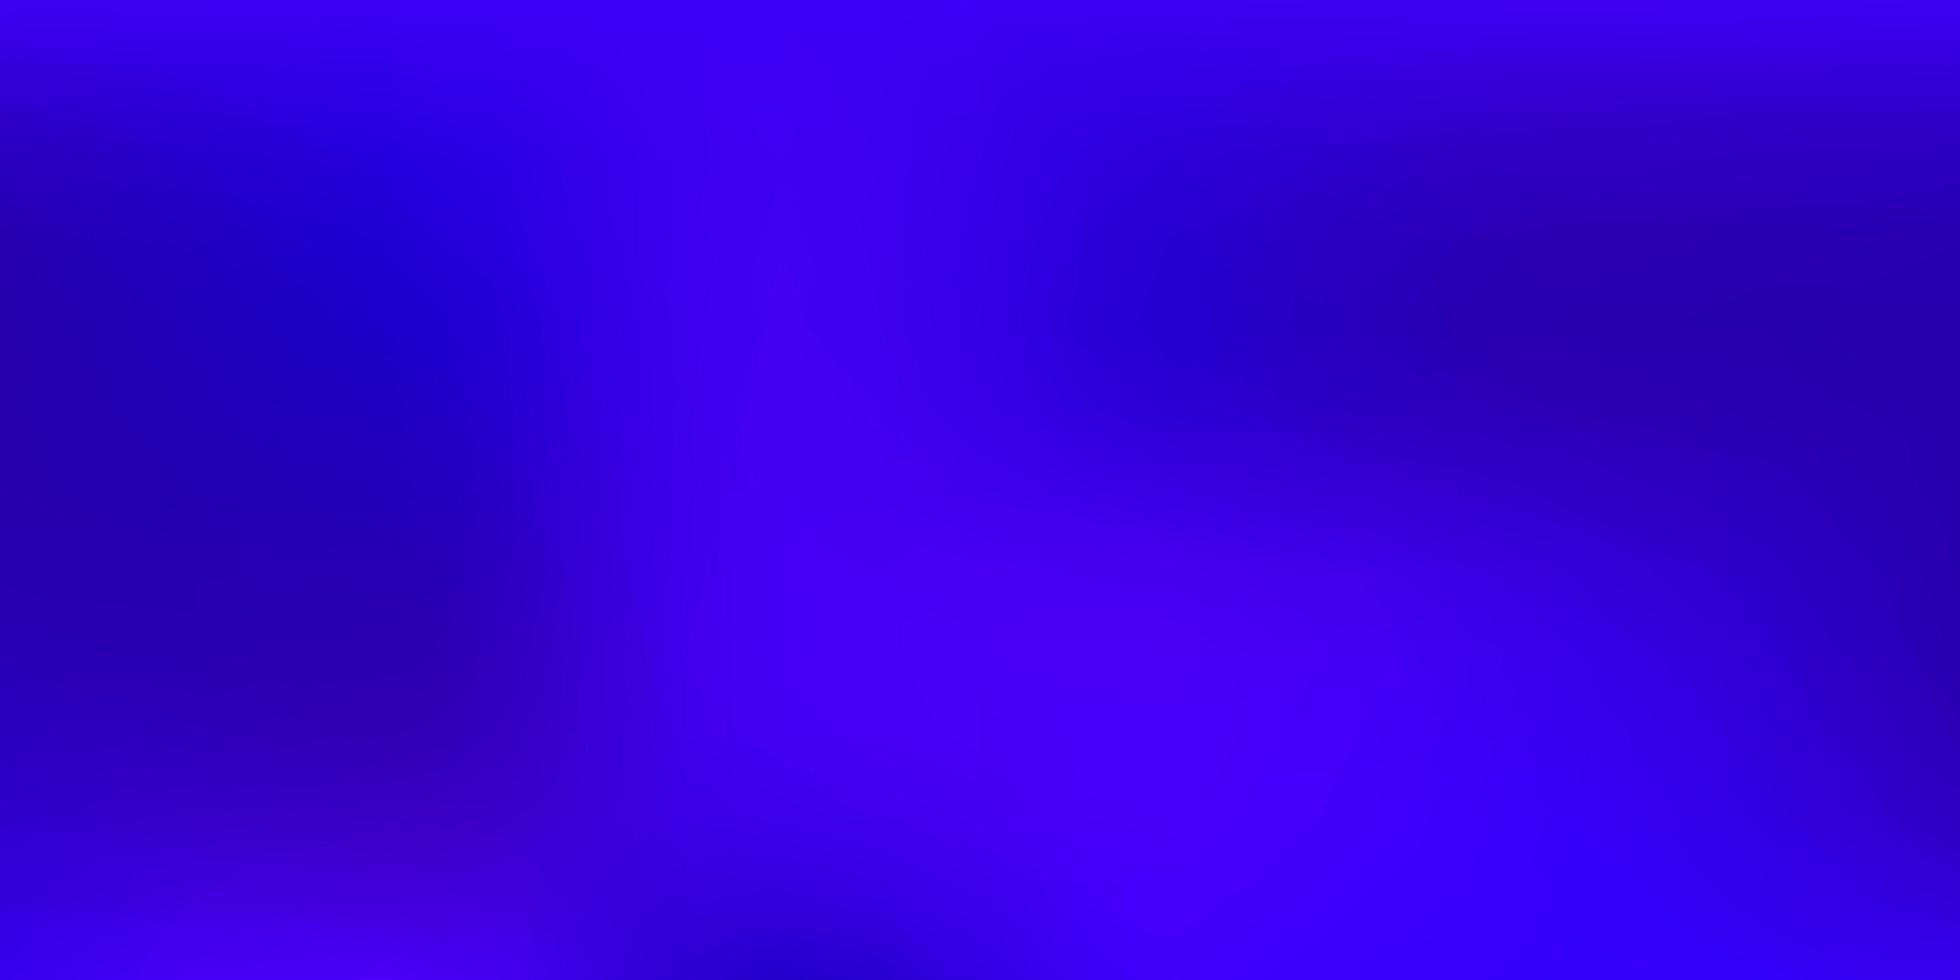 sfondo sfocato blu scuro vettore